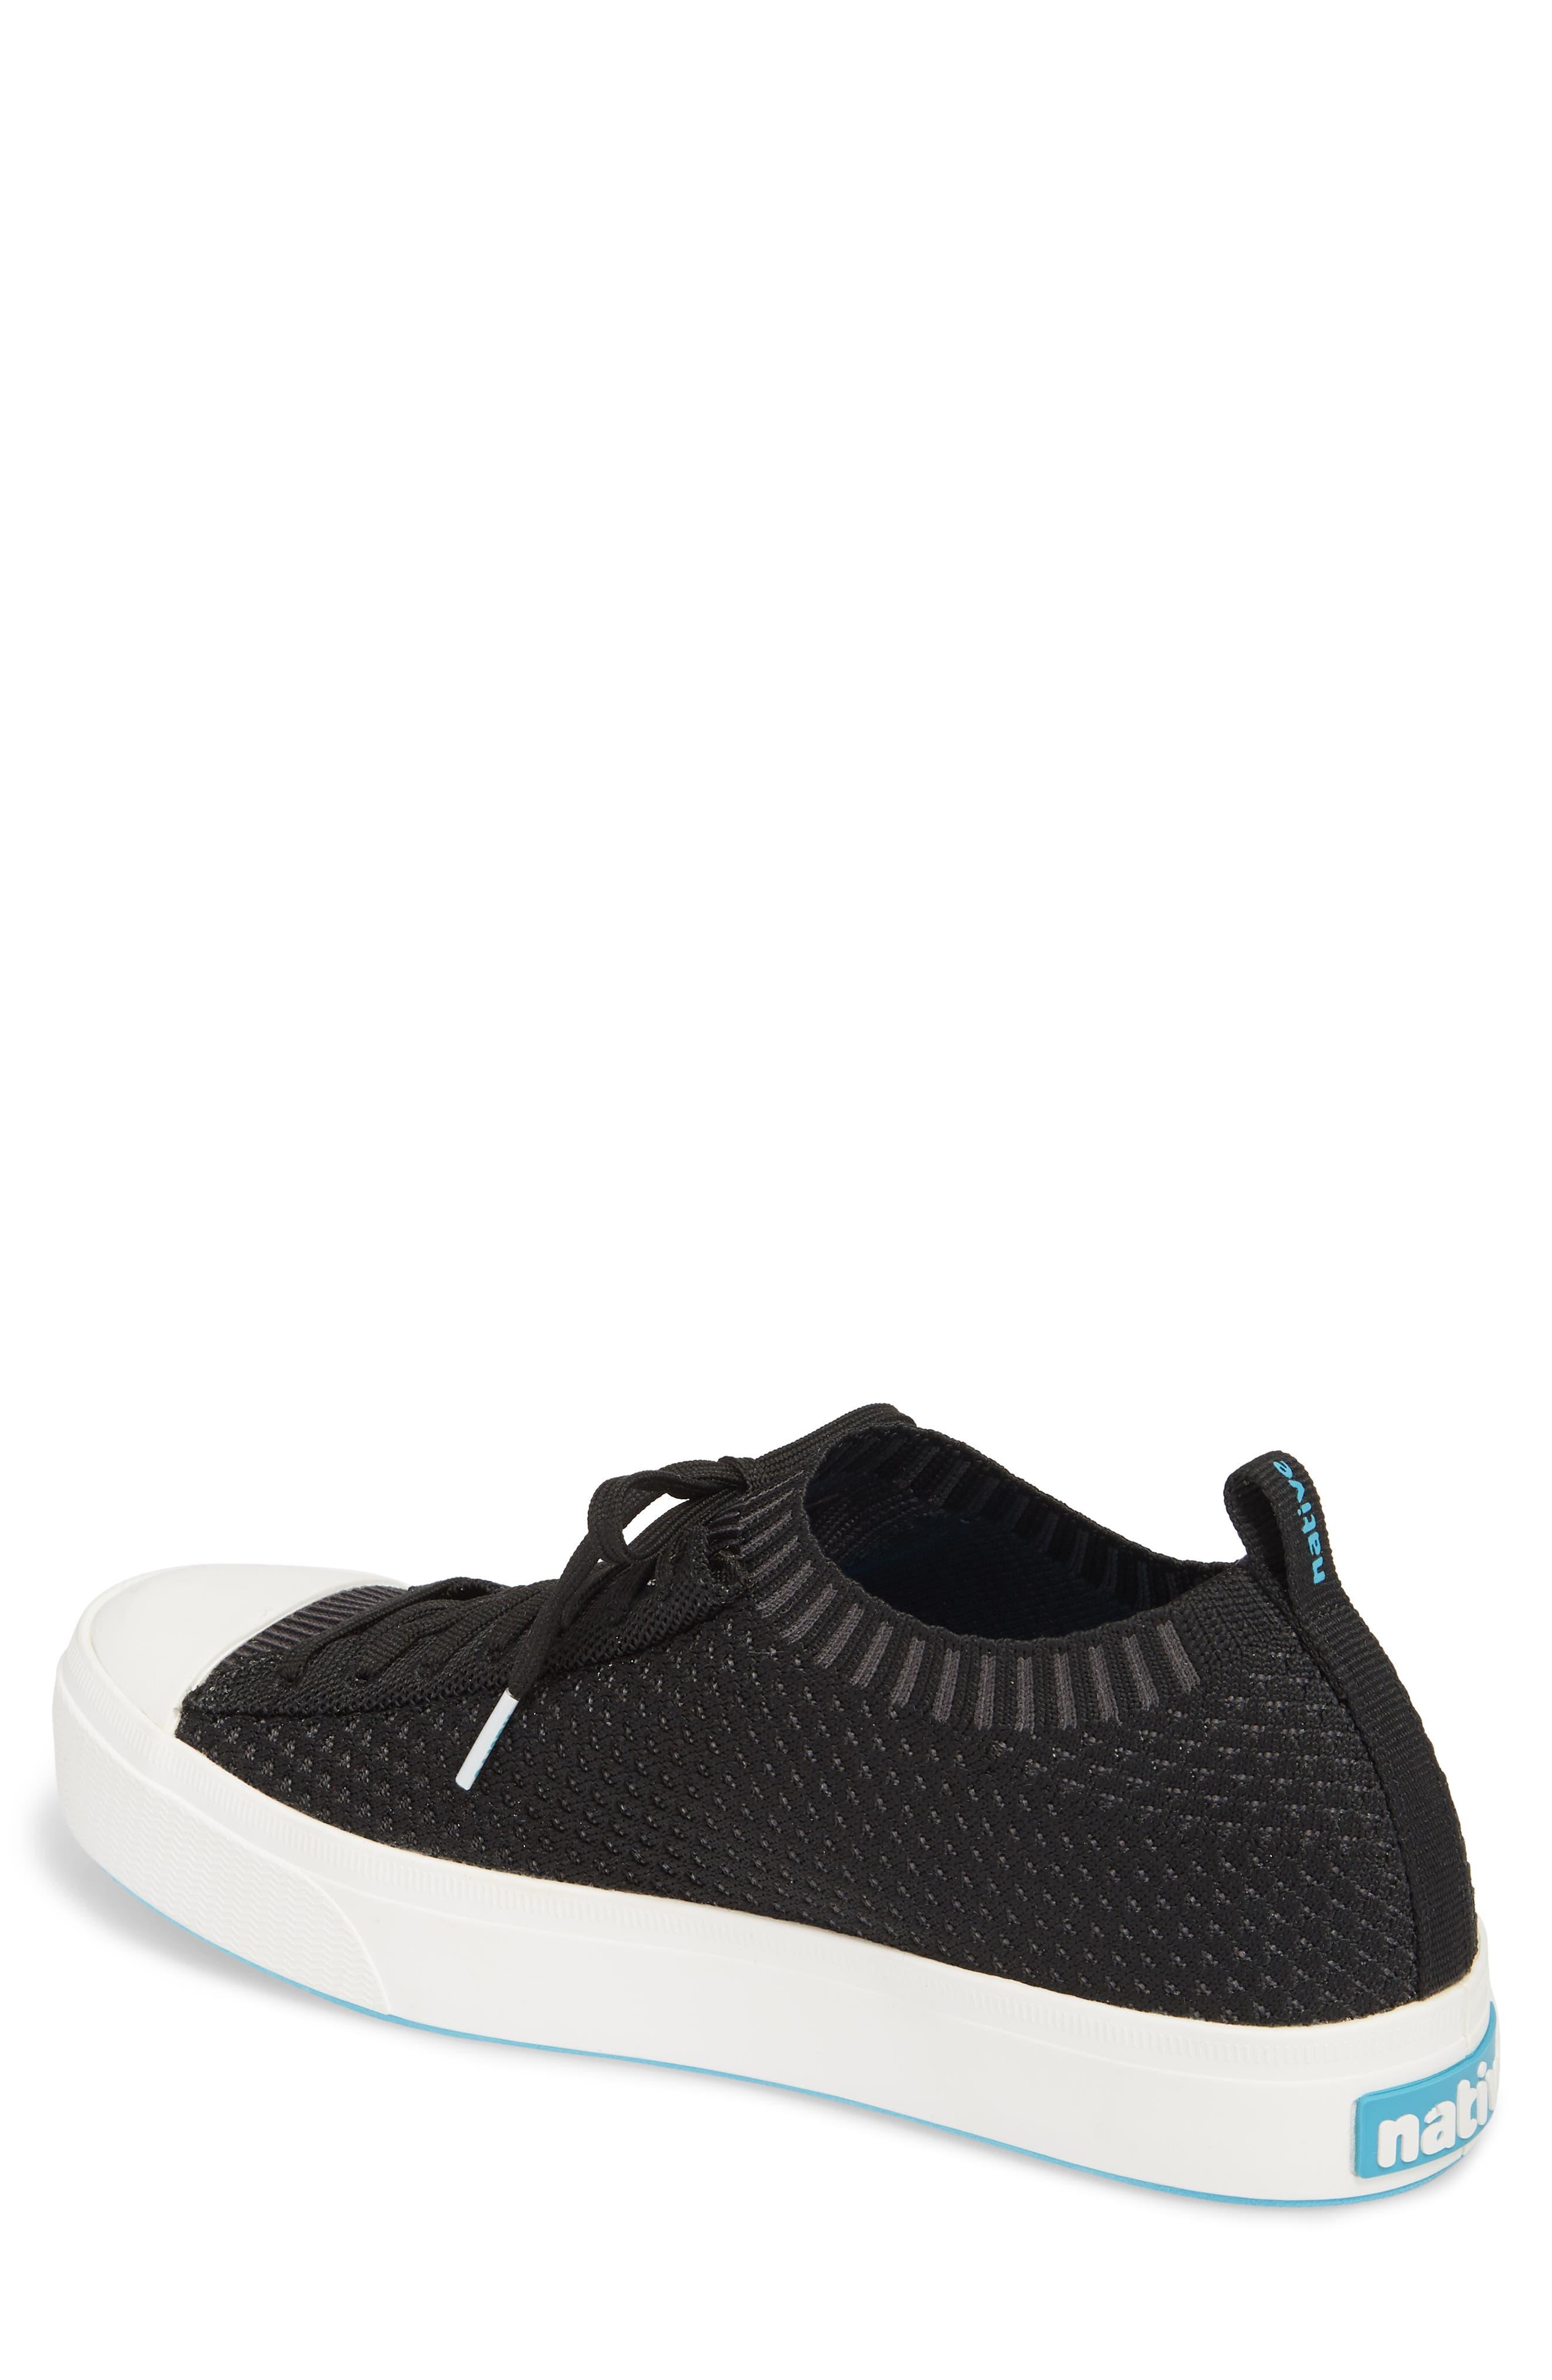 Jefferson 2.0 Liteknit Lace-Up Sneaker,                             Alternate thumbnail 2, color,                             JIFFY BLACK/ SHELL WHITE